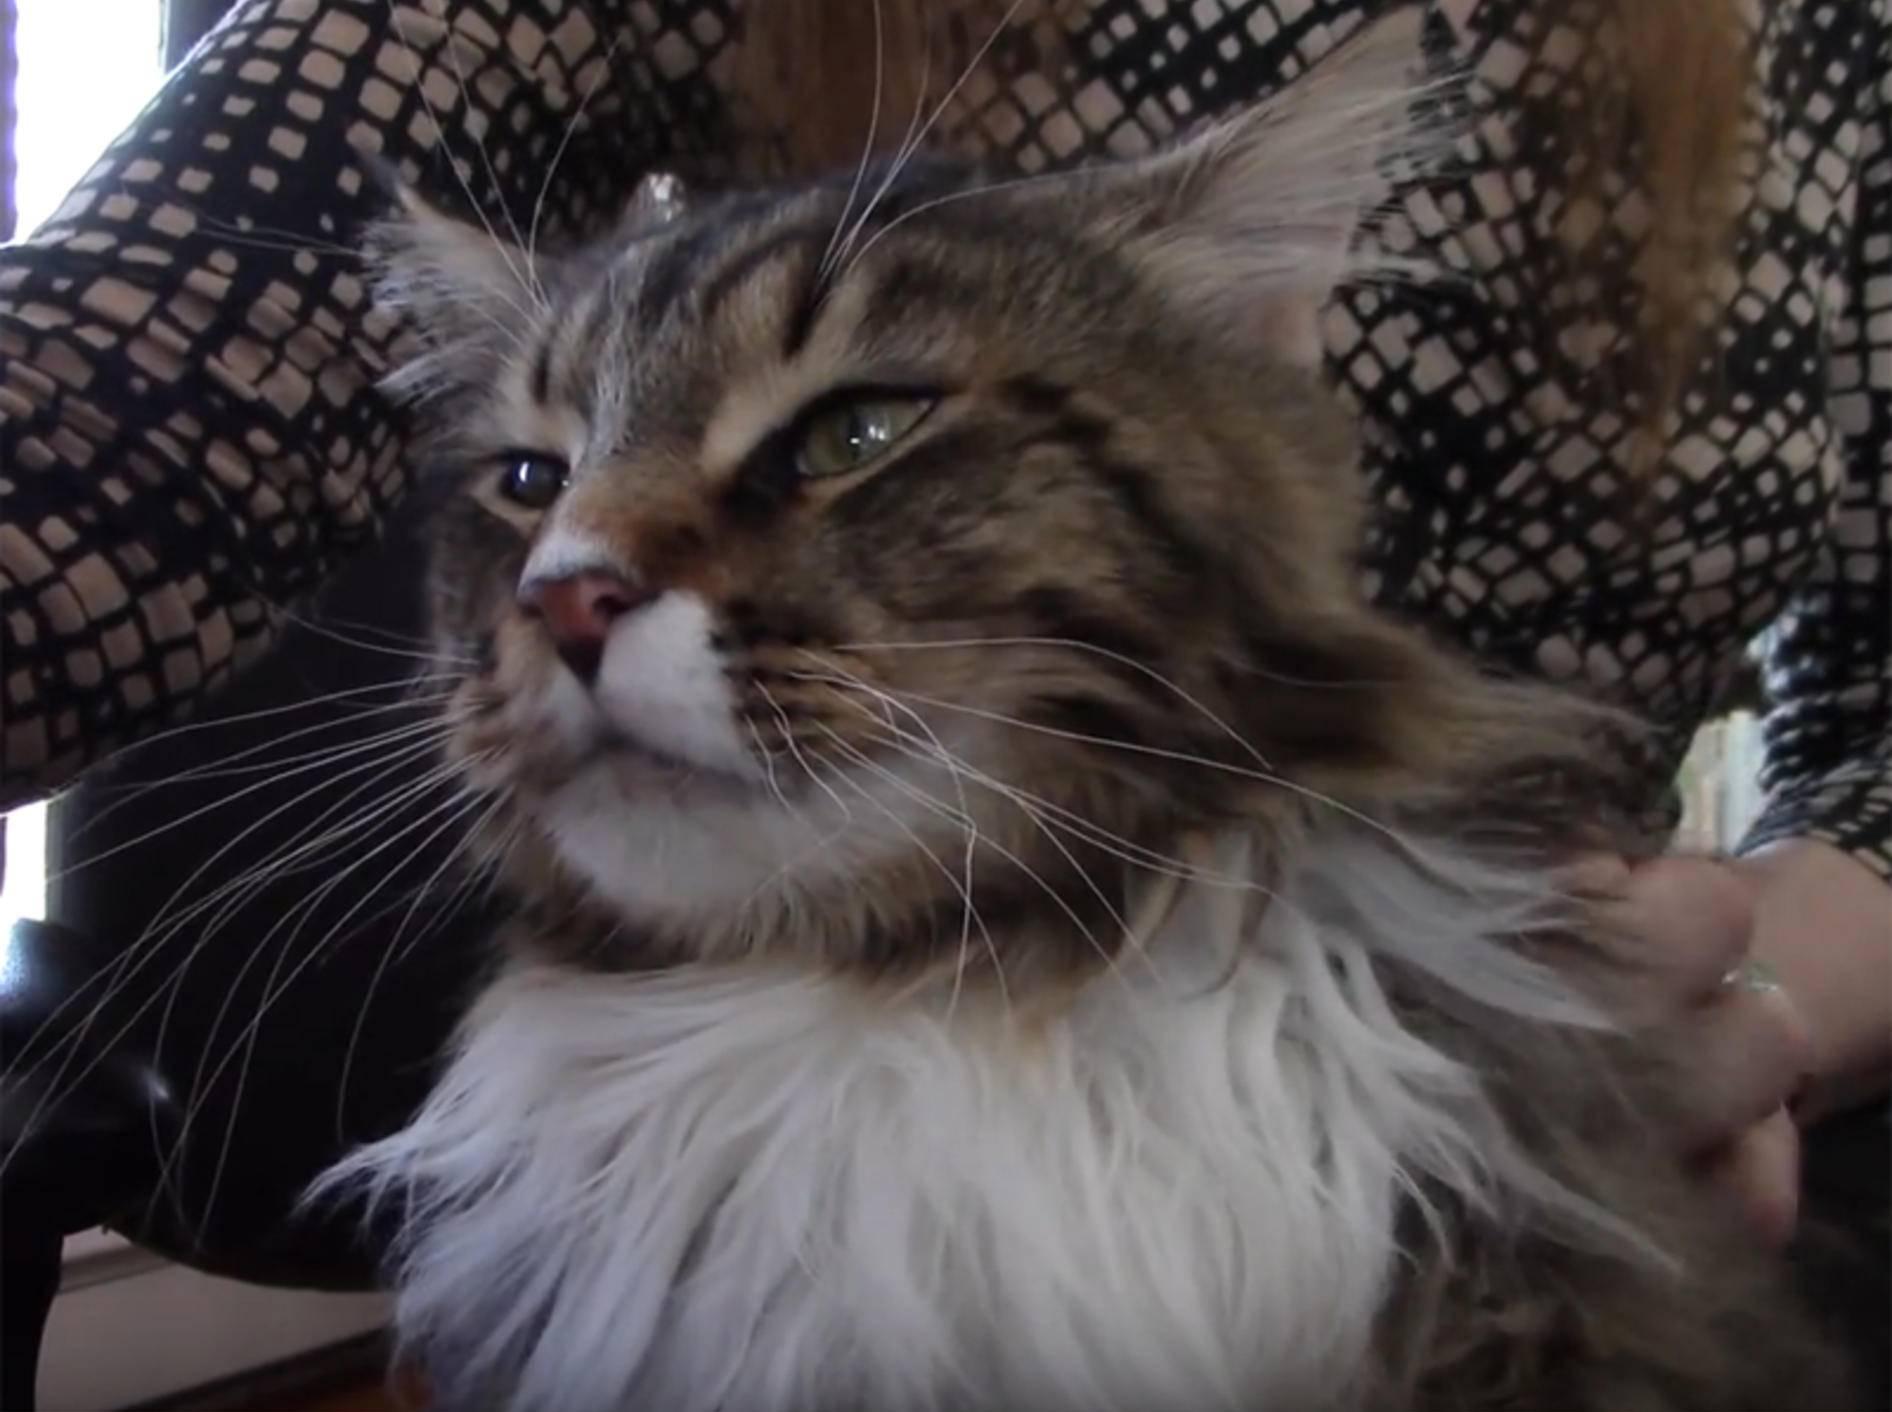 Maine-Coon-Katze wird massiert und findet das wunderbar – YouTube / jzathey